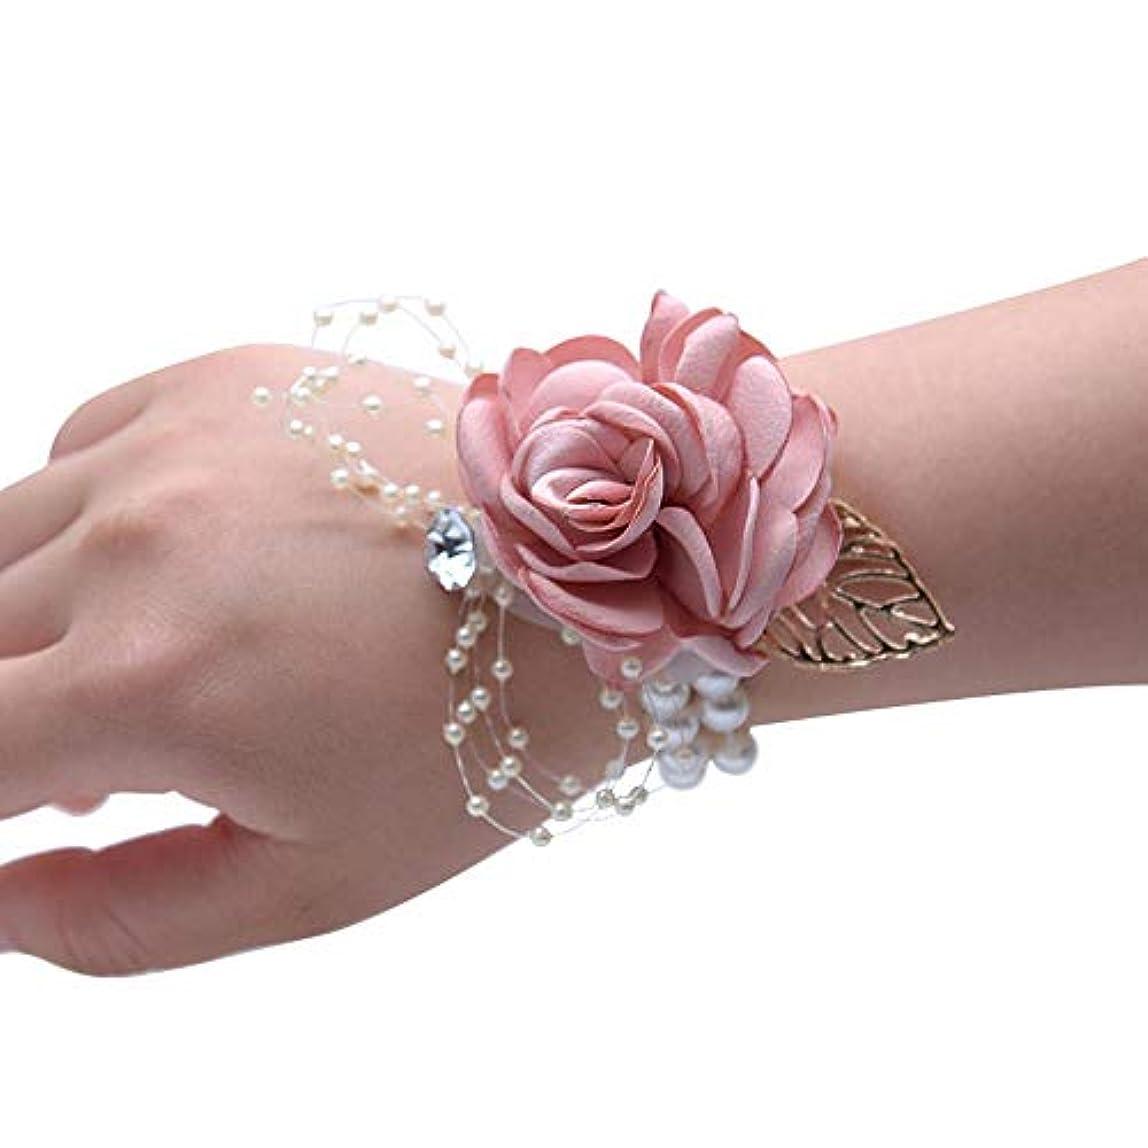 リーク靴下オートマトンMerssavo 手首の花 - 女の子チャーム手首コサージュブレスレット花嫁介添人姉妹の手の花のどの真珠の結婚式、ピンク